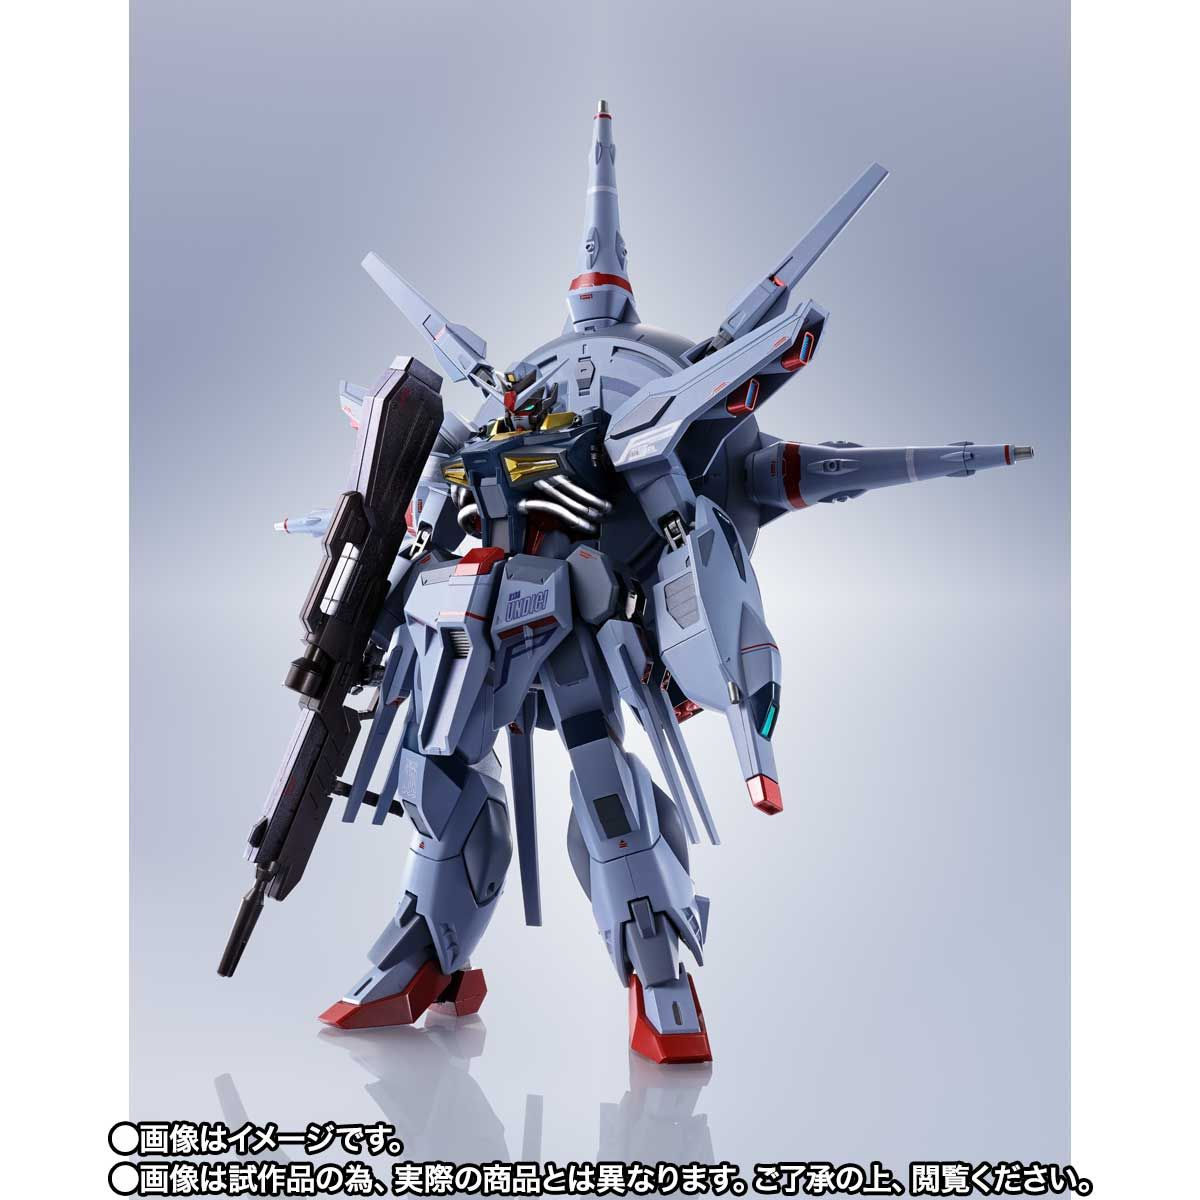 【限定販売】METAL ROBOT魂〈SIDE MS〉『プロヴィデンスガンダム』ガンダムSEED 可動フィギュア-003